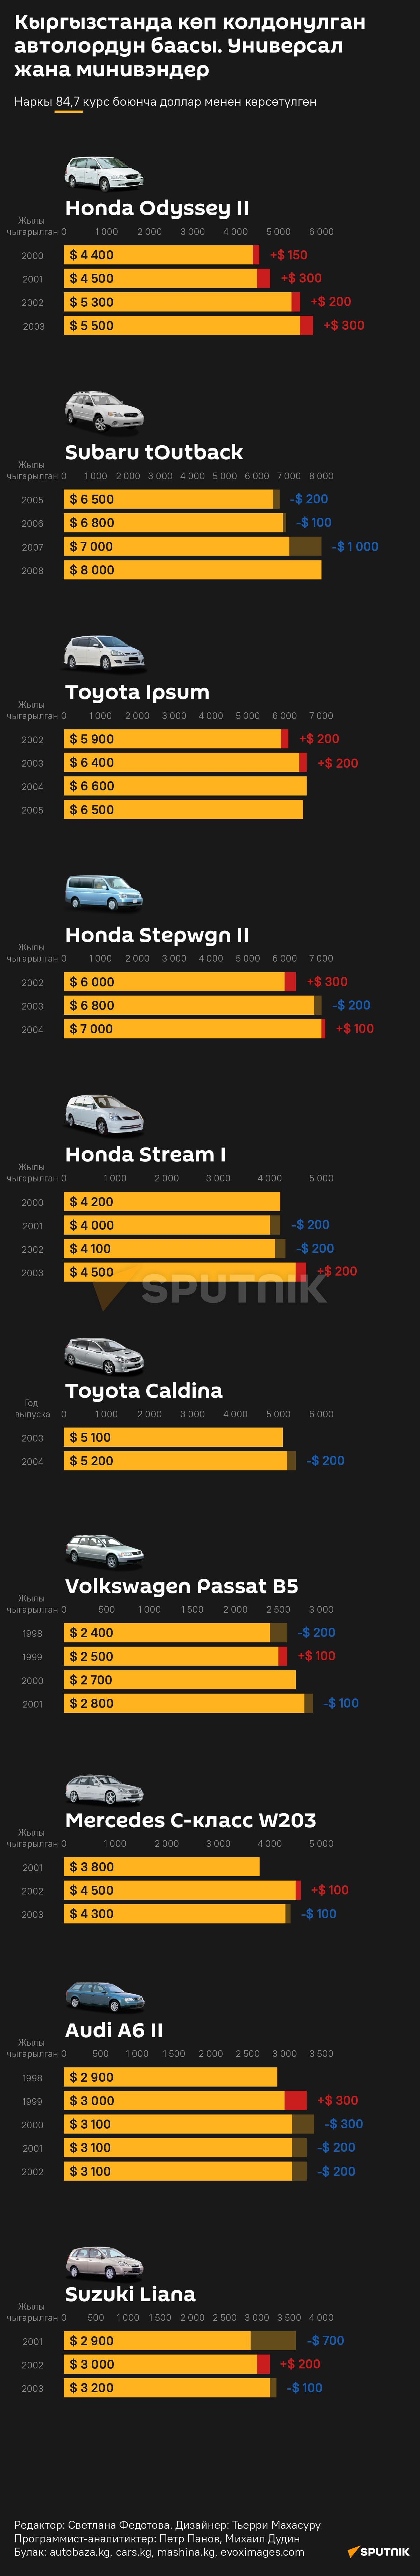 Универсал жана минивэн автоунаалар канчадан сатылууда. Статистика